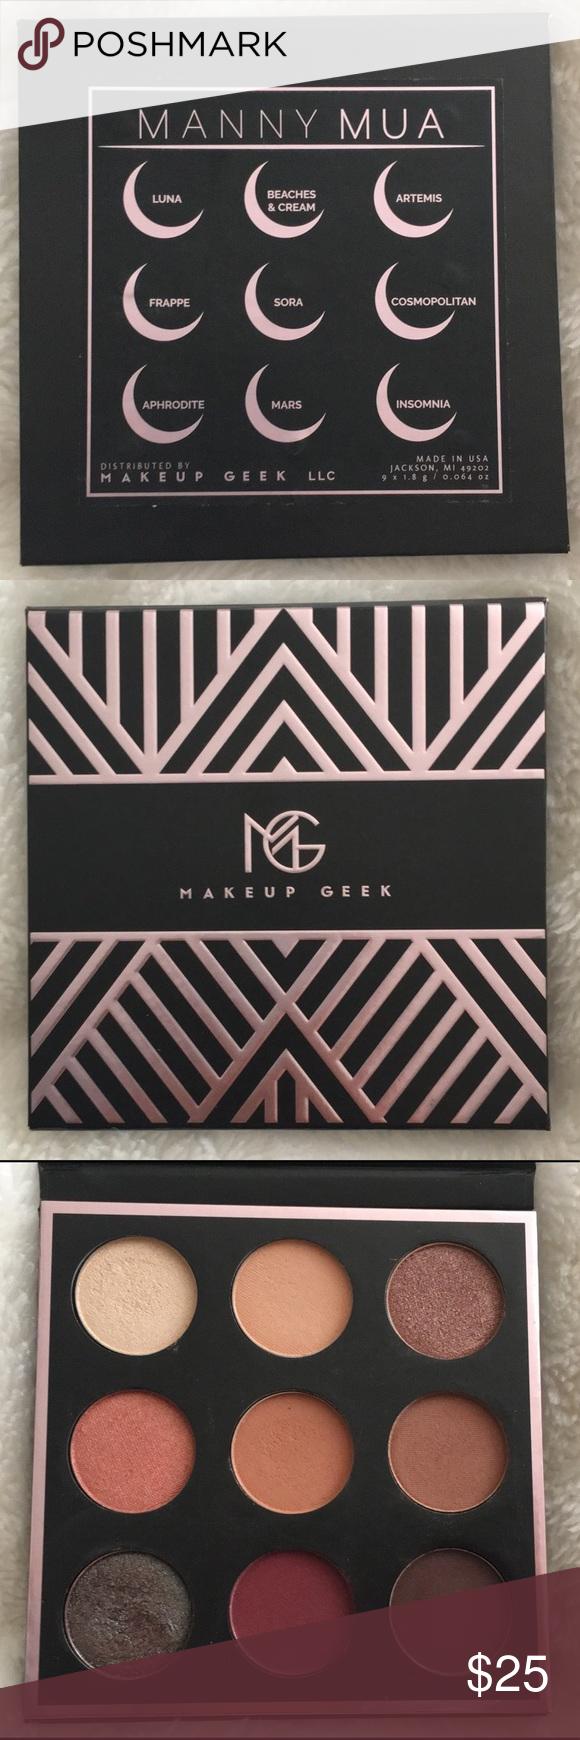 Manny MUA x Makeup Geek Eyeshadow Palette Makeup geek